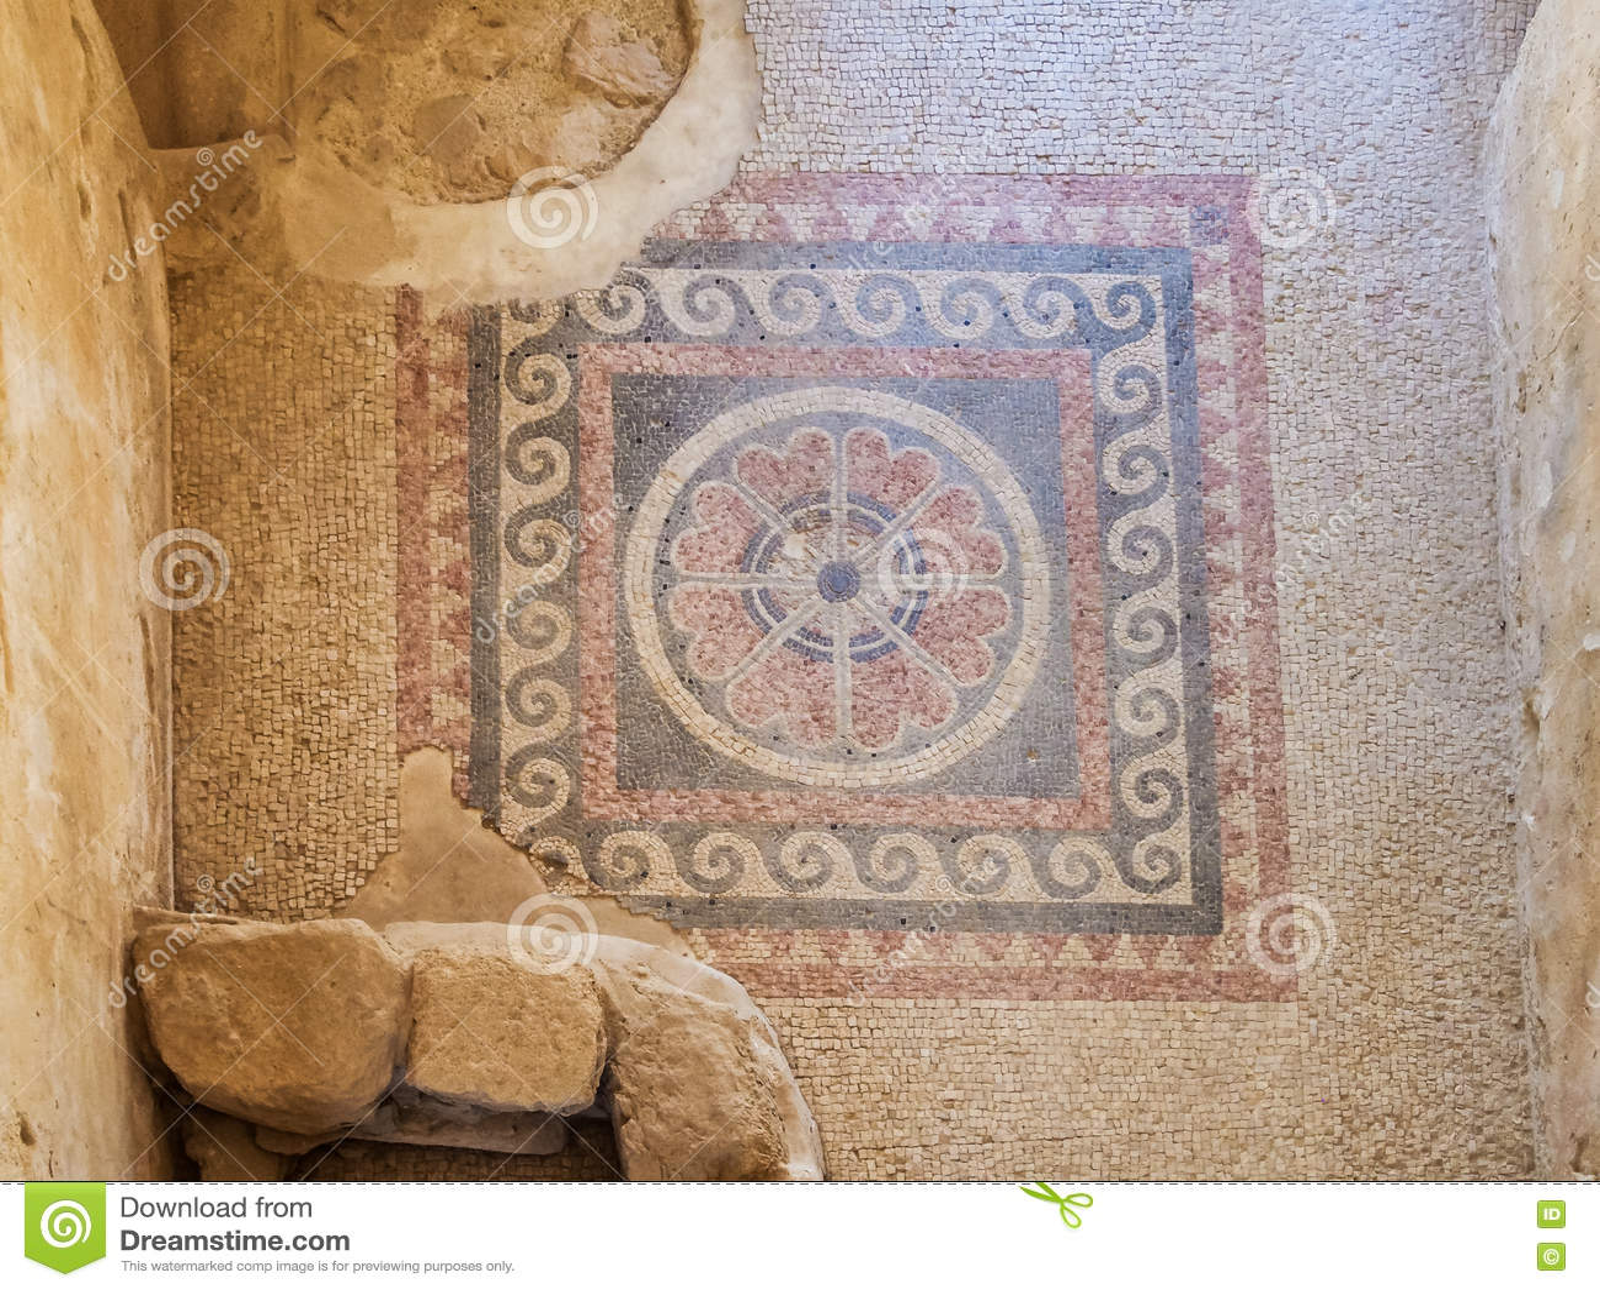 Fußboden König ~ Alter mosaikfußboden masada festung israel stockfoto bild von